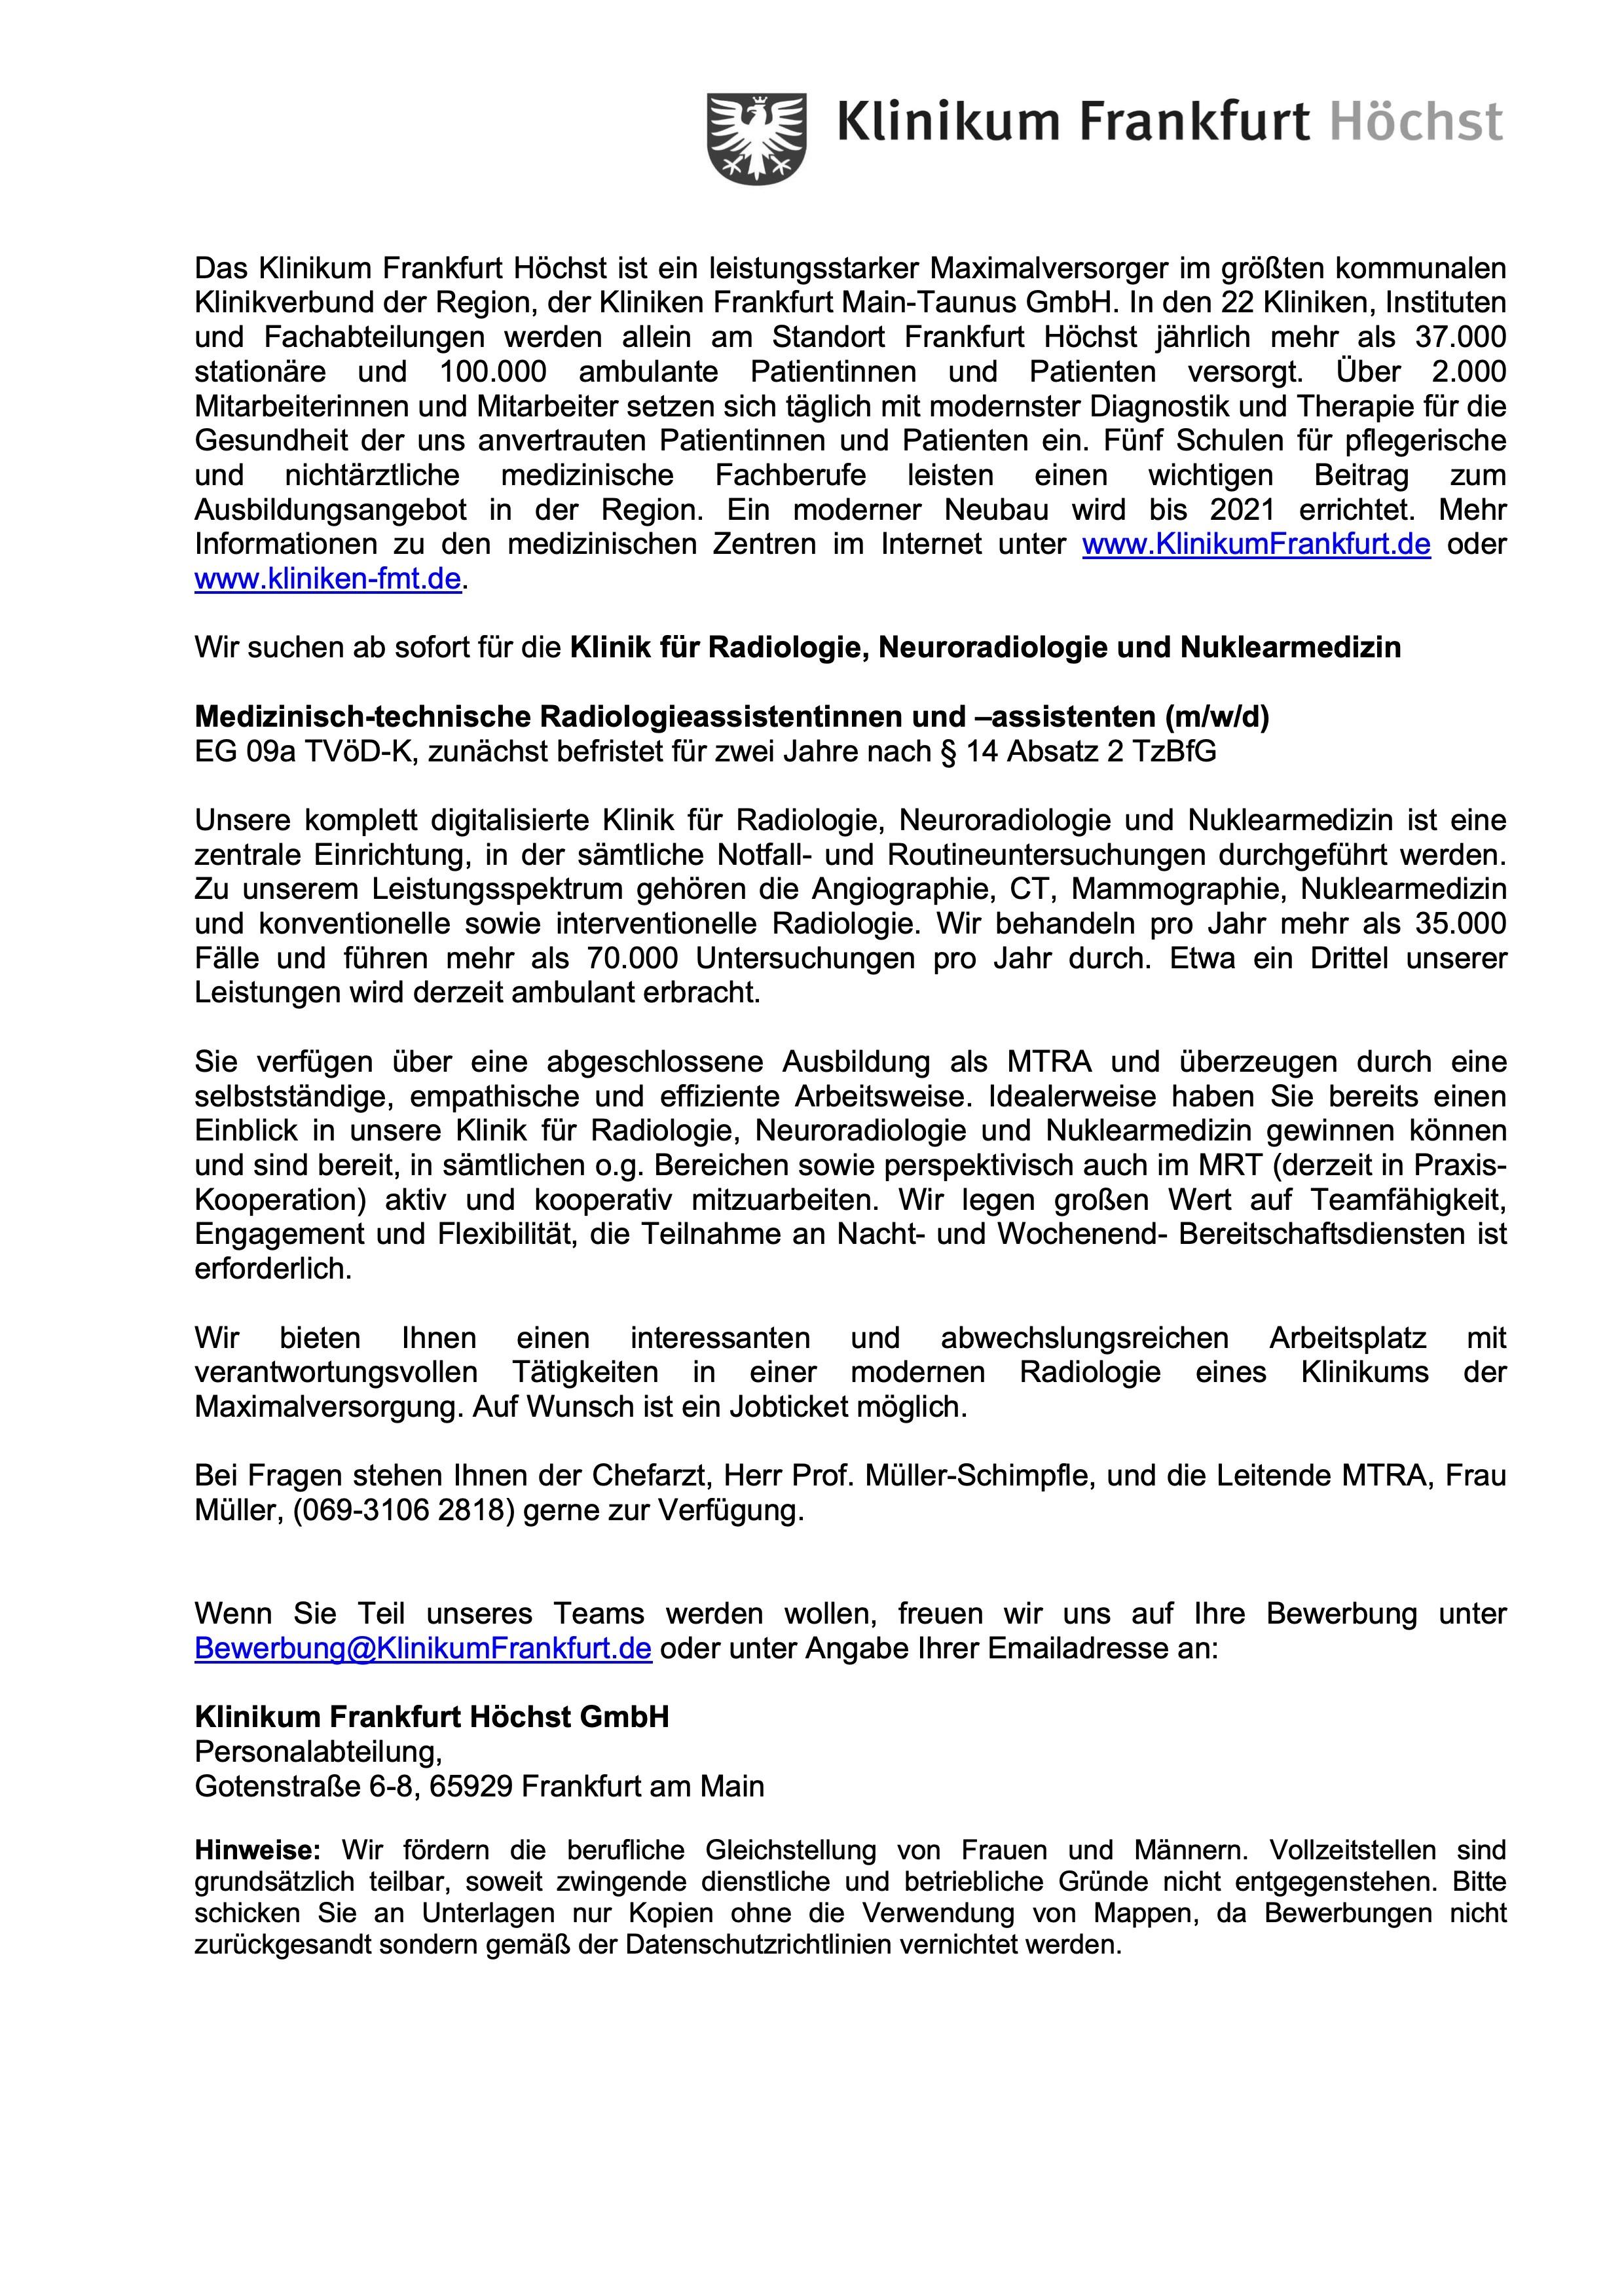 Medizinisch-technische Radiologieassistentinnen und –assistenten (m/w/d)